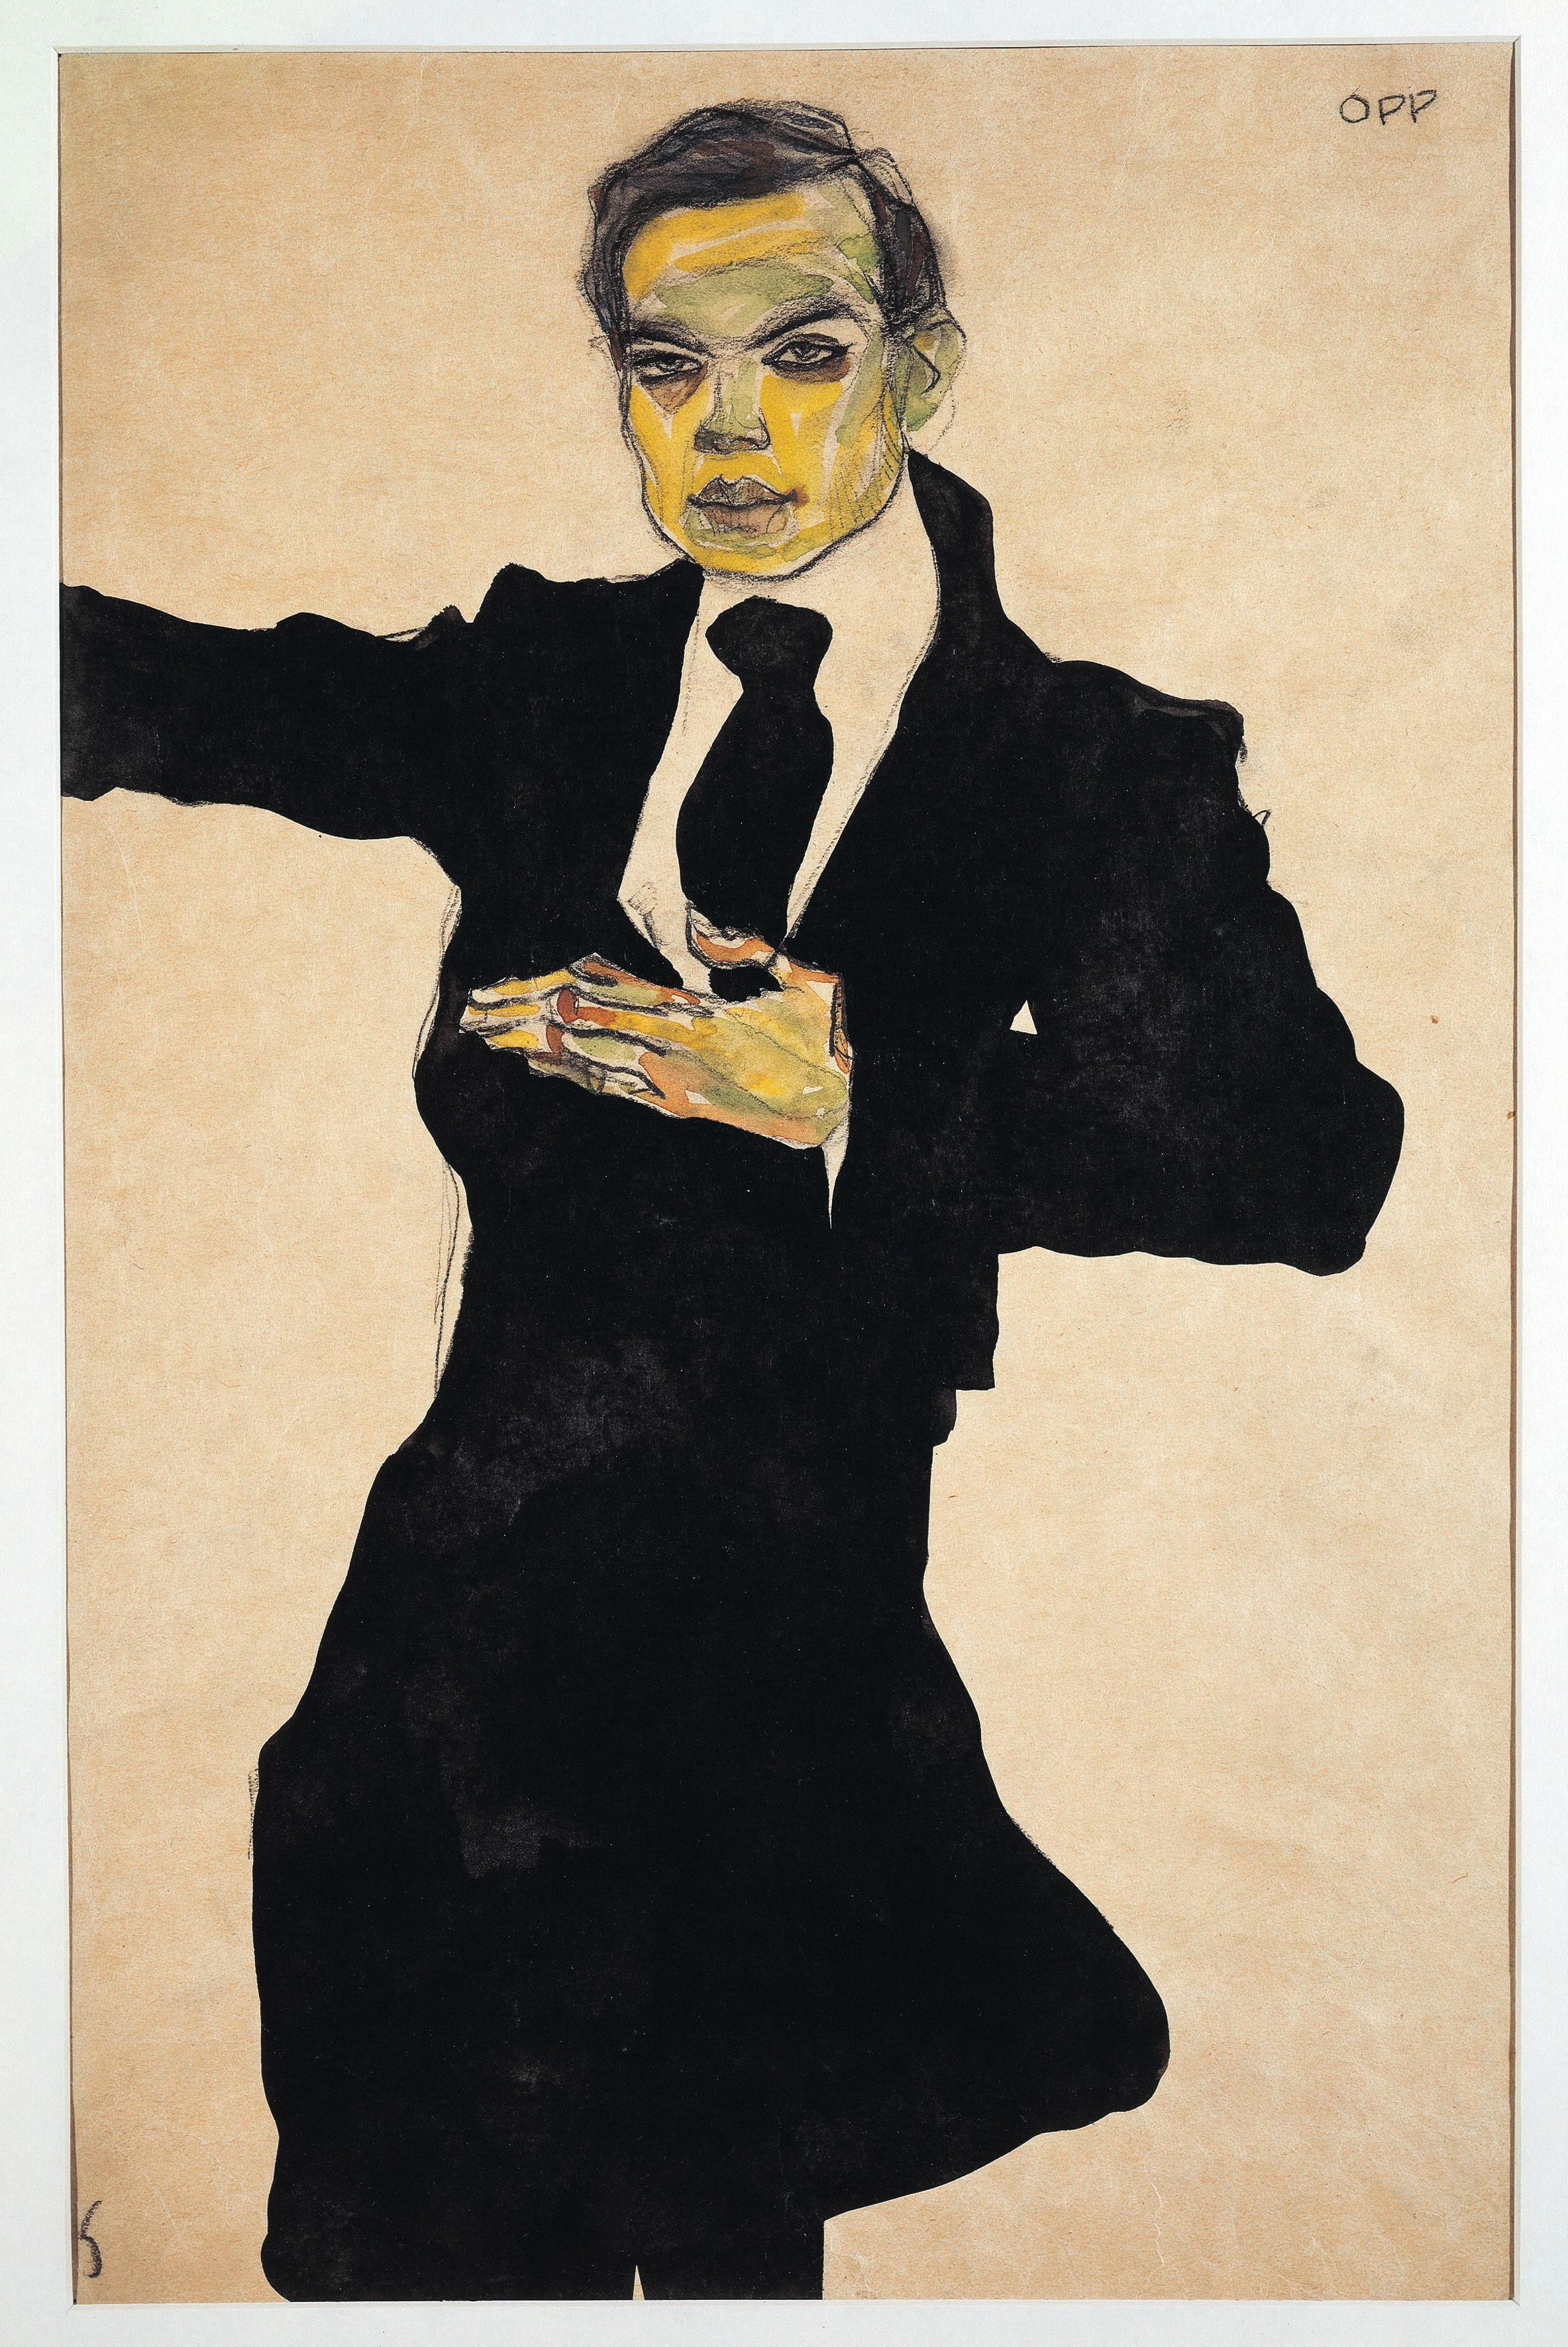 Egon Schiele, Portrait de Max Oppenheimer, 1910, crayon noir, encre et aquarelle sur papier, Graphische Sammlung Albertina, Vienne.